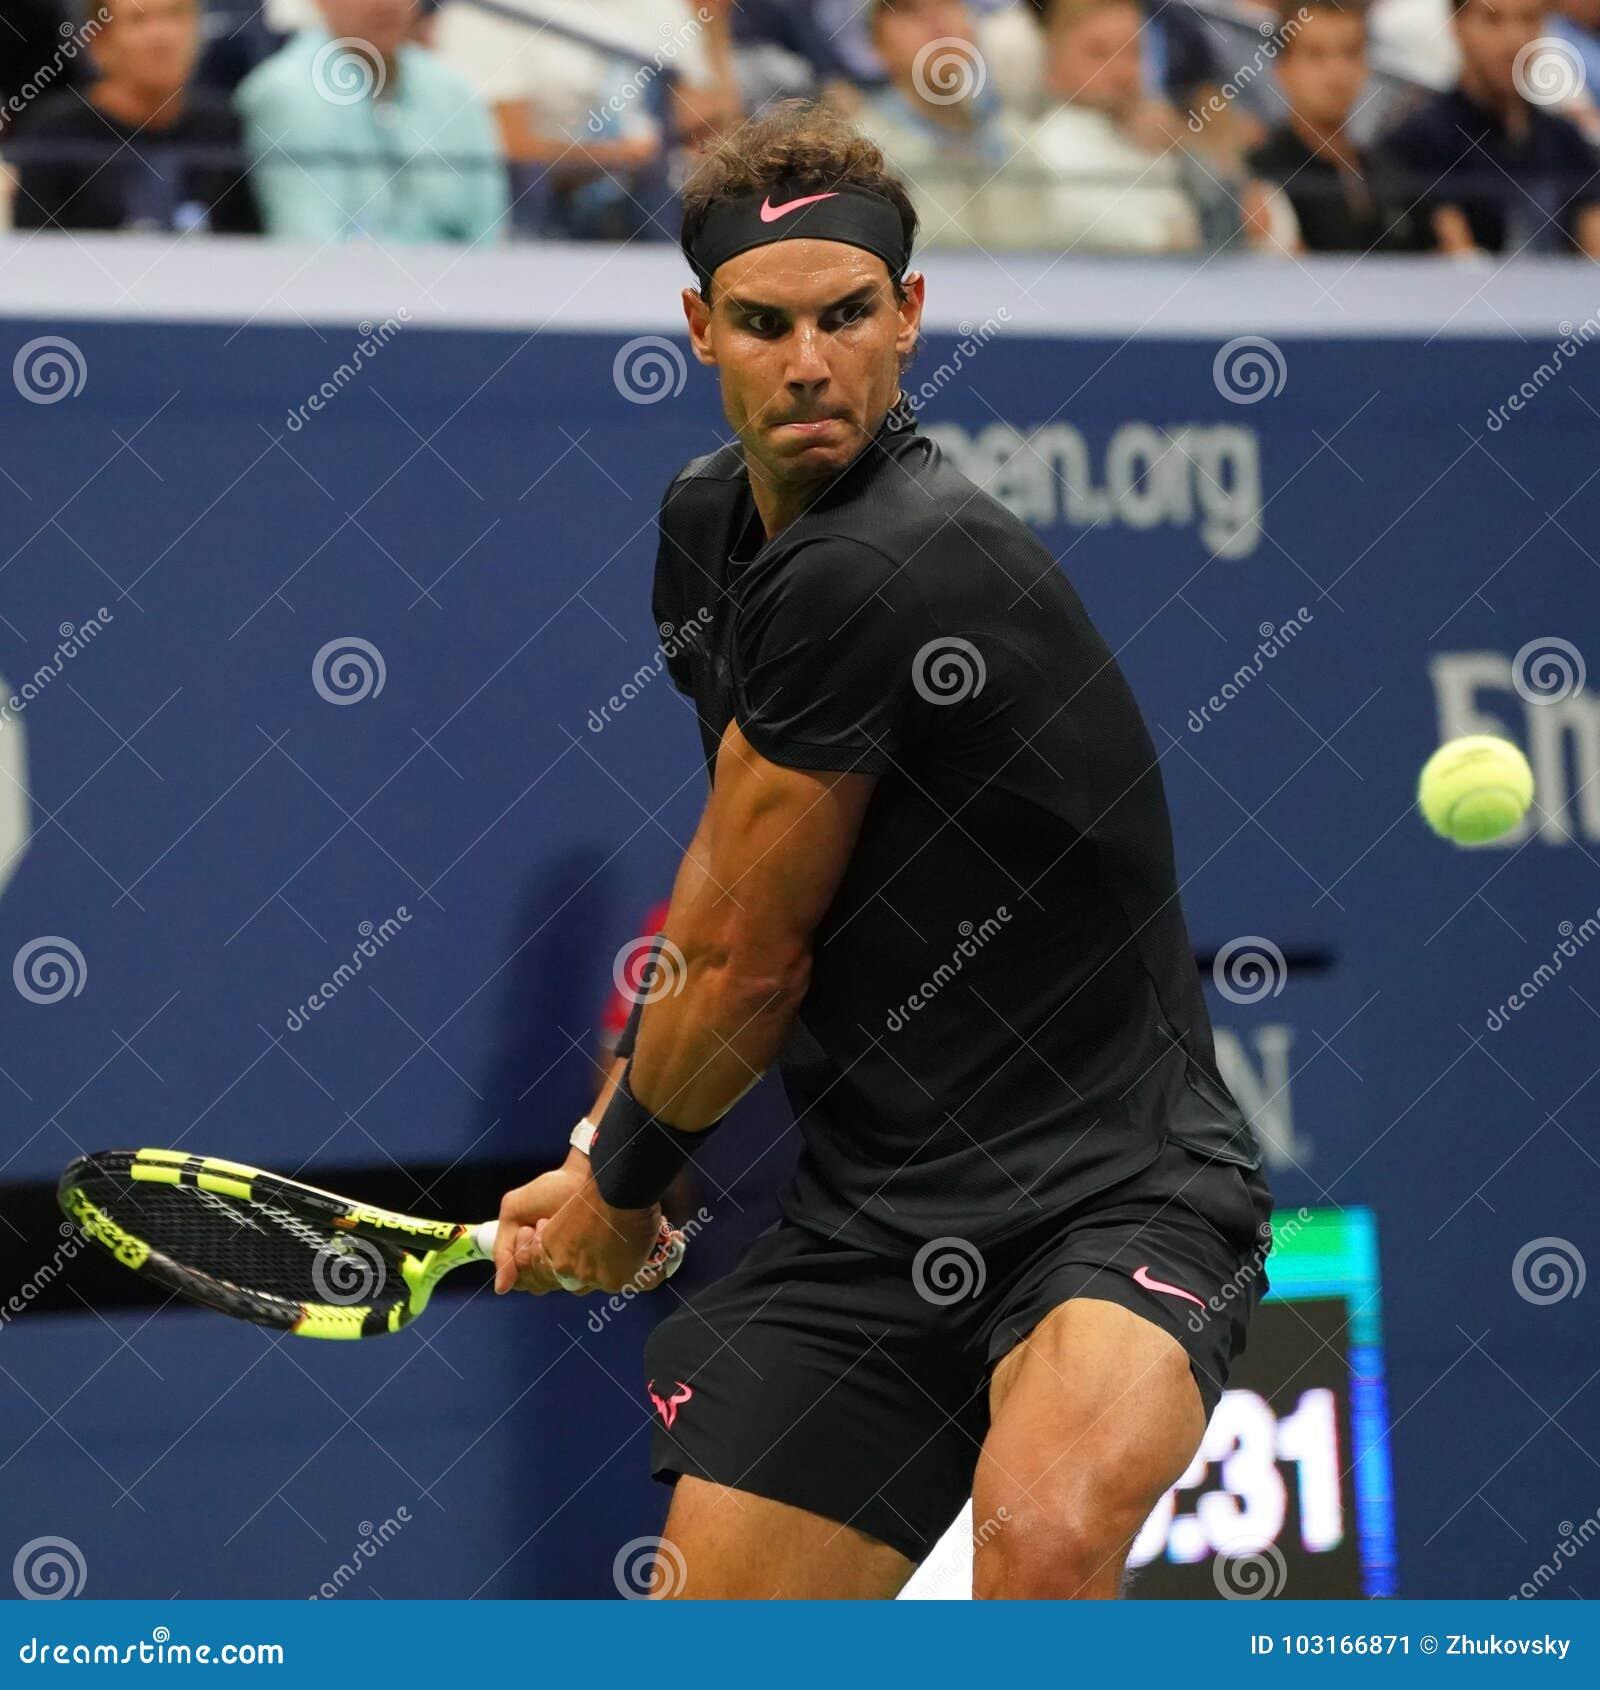 Campeón Rafael Nadal del Grand Slam de España en la acción durante su segundo partido de la ronda del US Open 2017